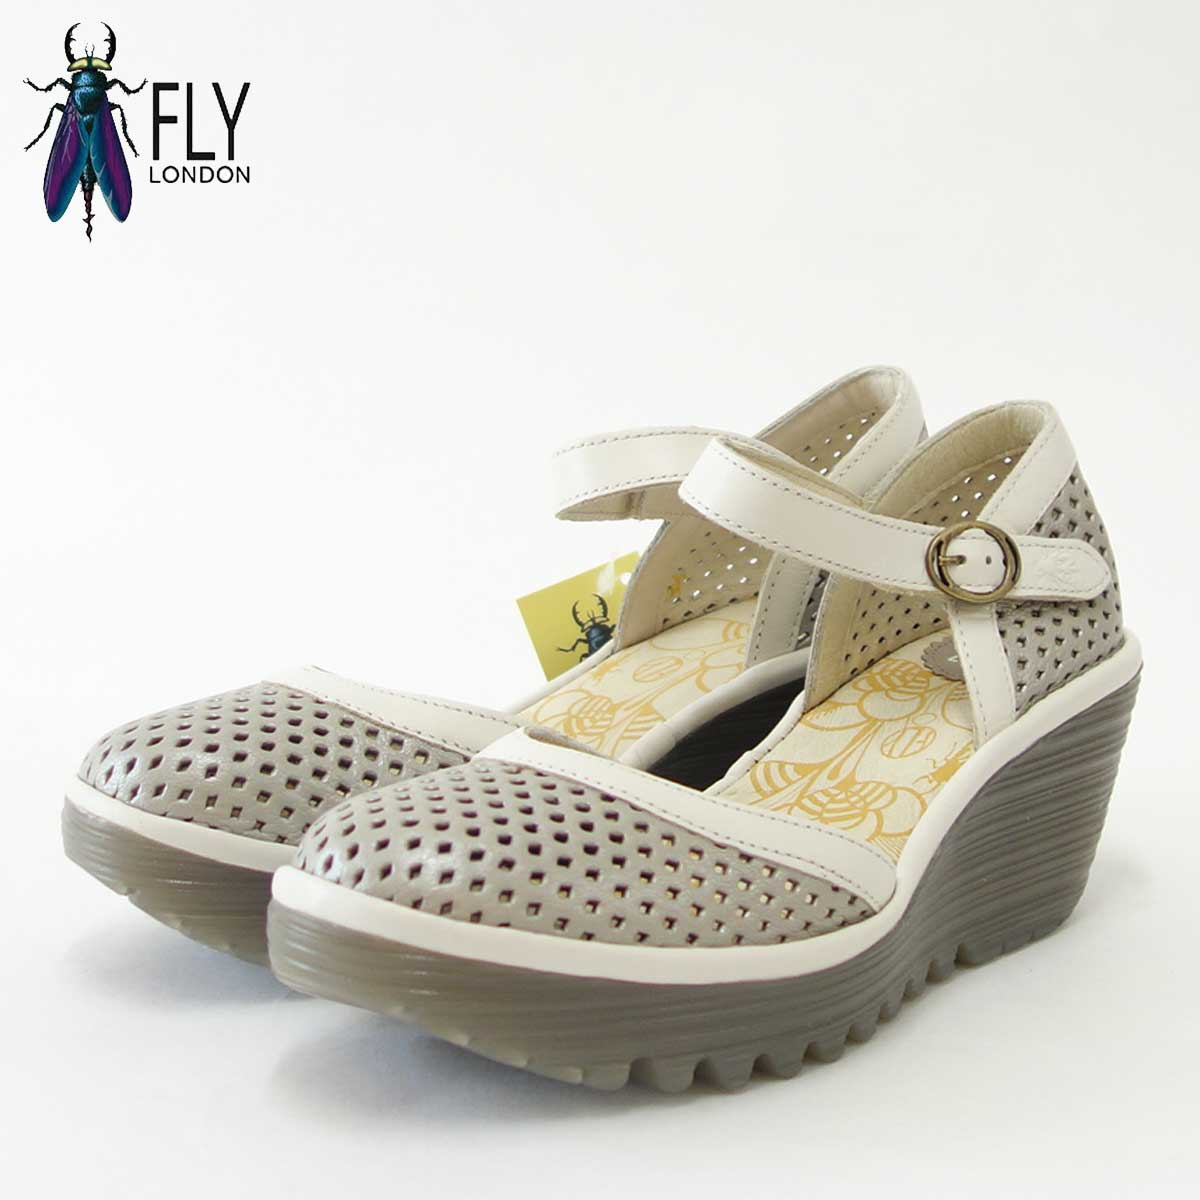 FLY LONDON フライロンドンYIPI840FLY 500840 009 シルバーアンクルストラップシューズ「靴」